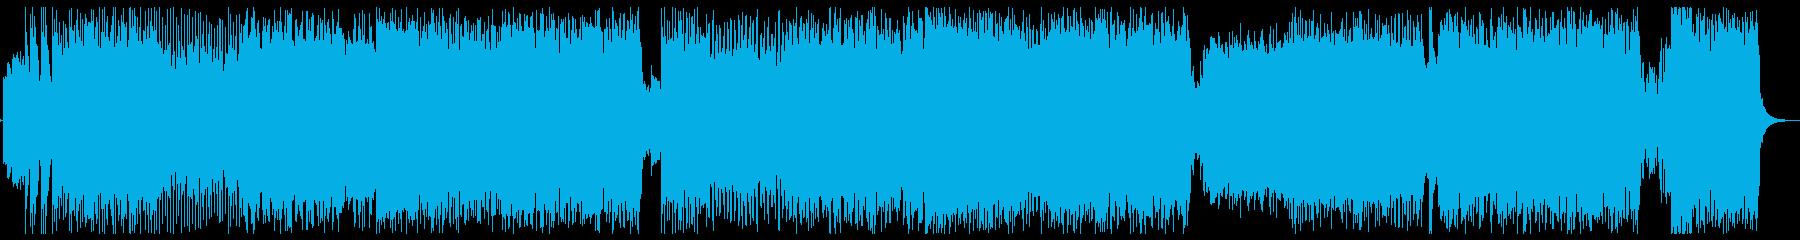 LiSA風ロックサウンド楽曲の再生済みの波形